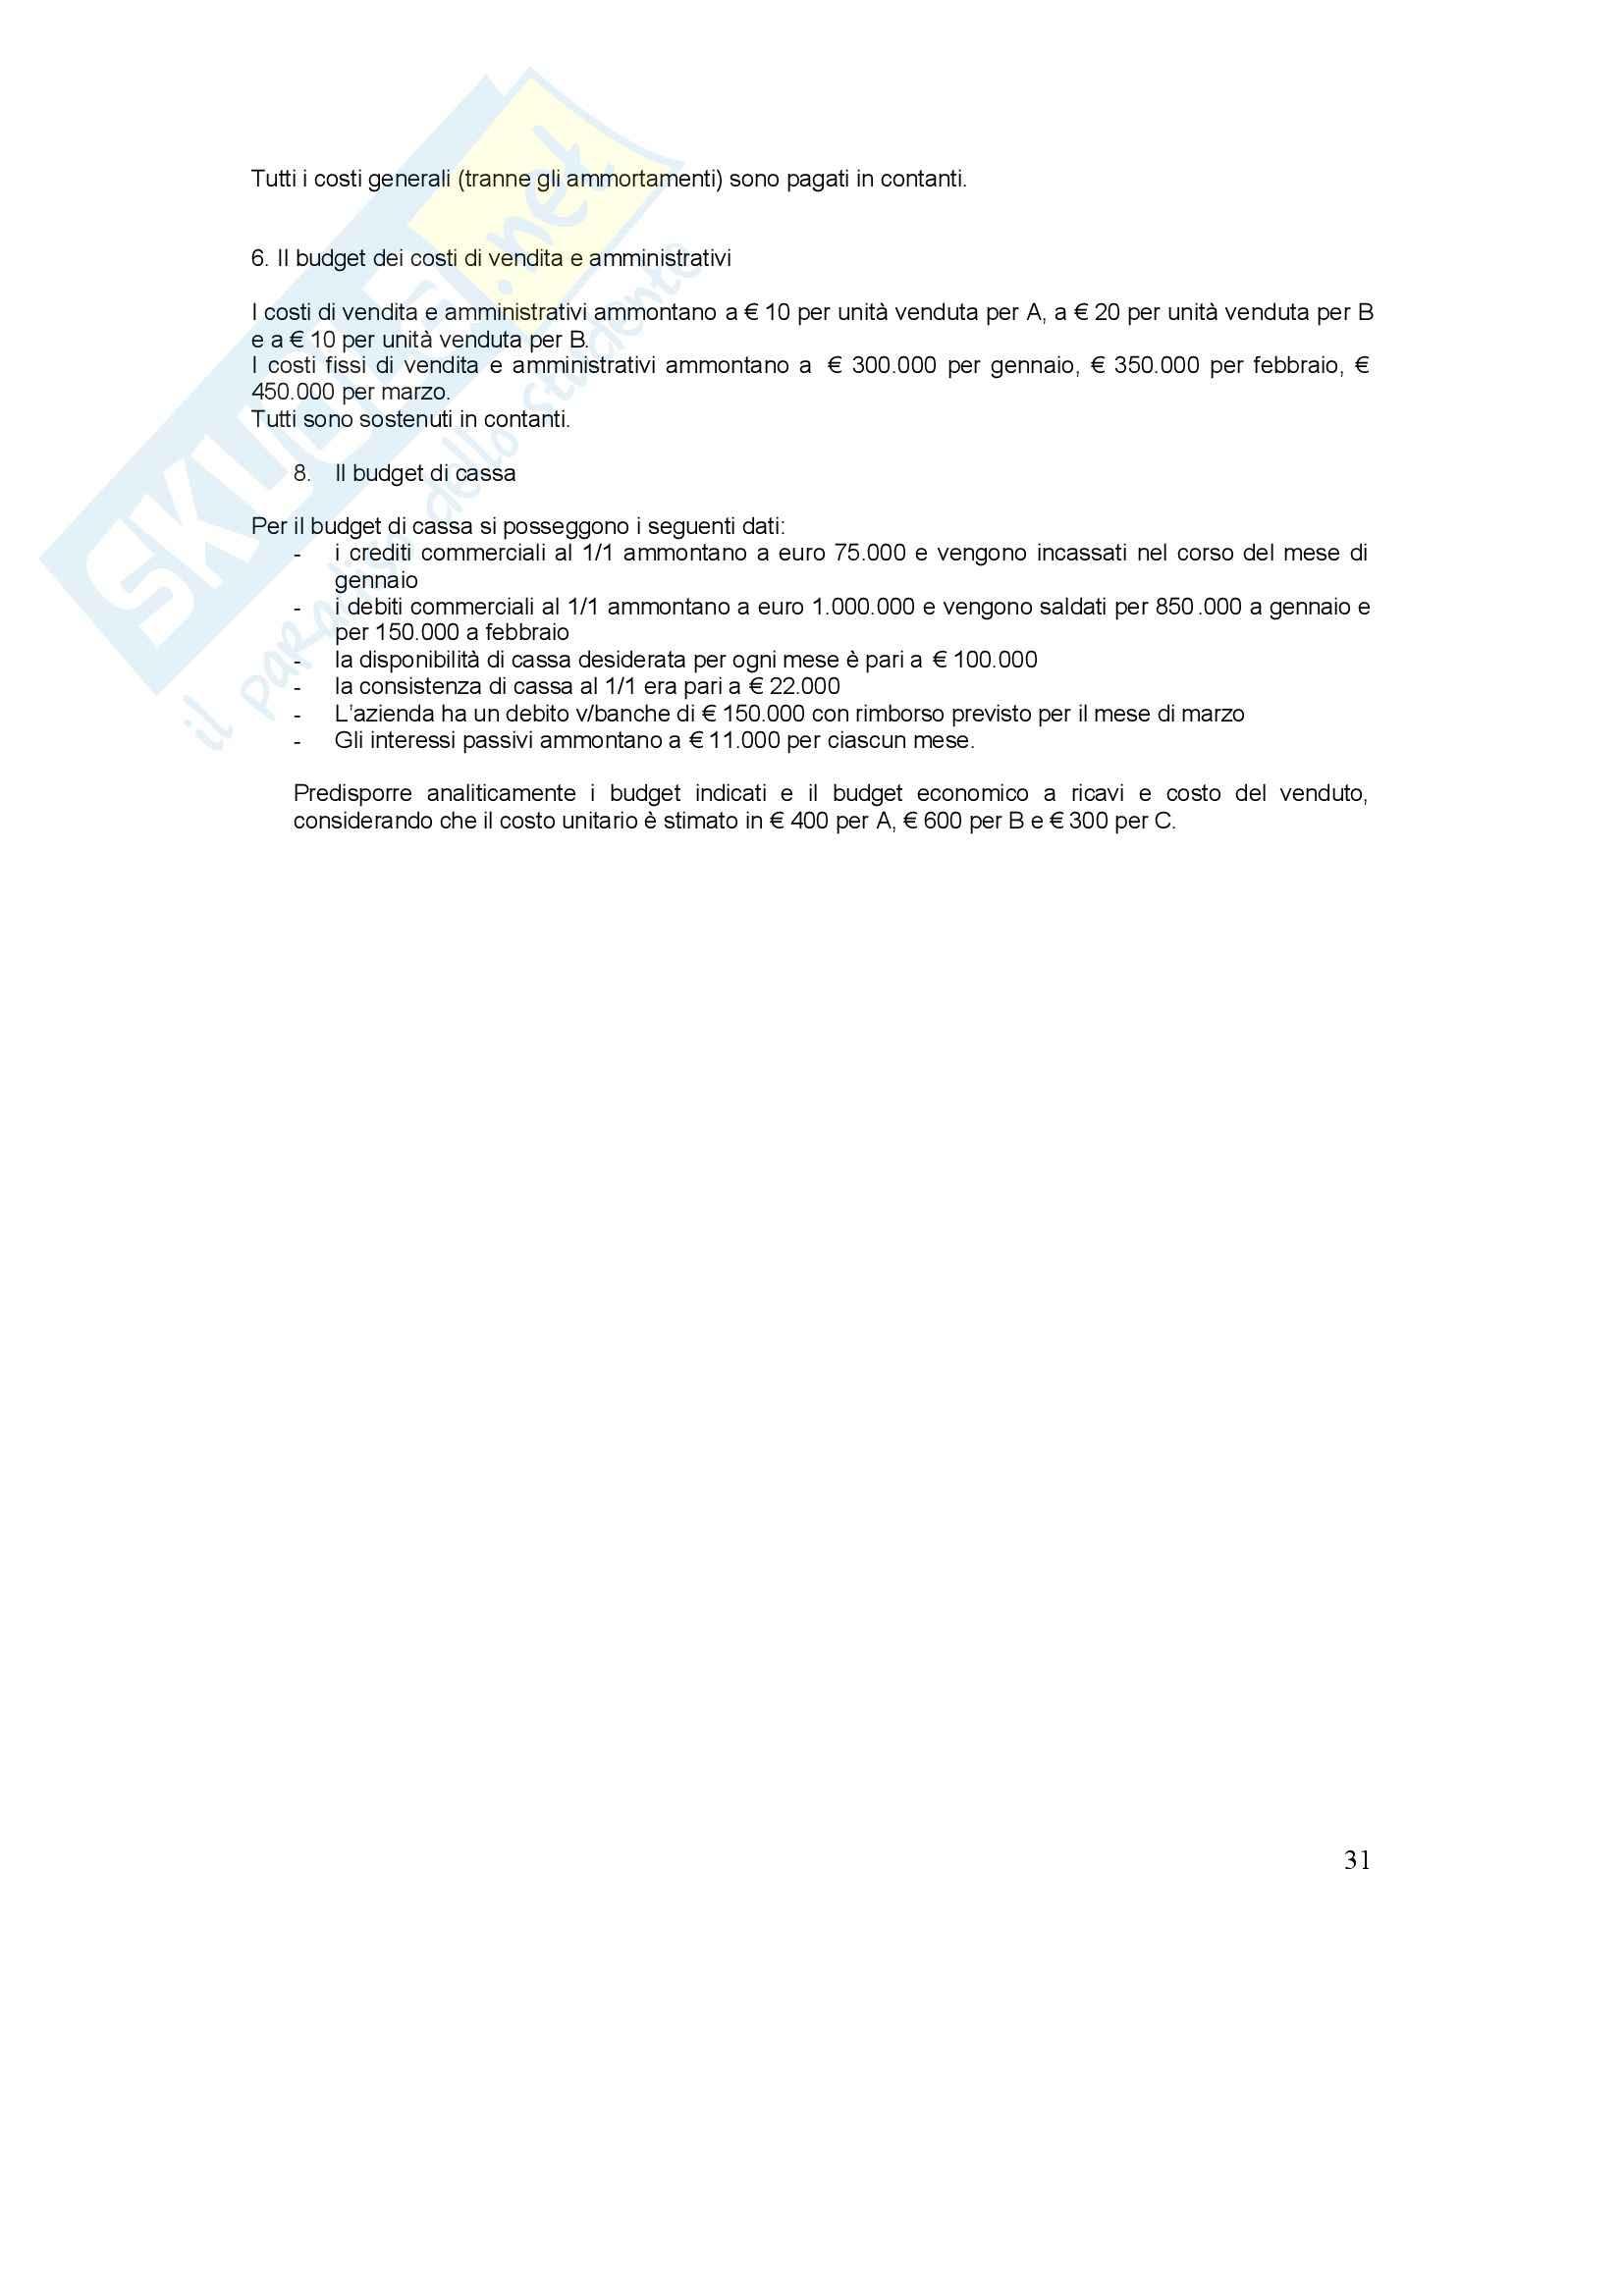 Conto economico - Esercizi Pag. 31